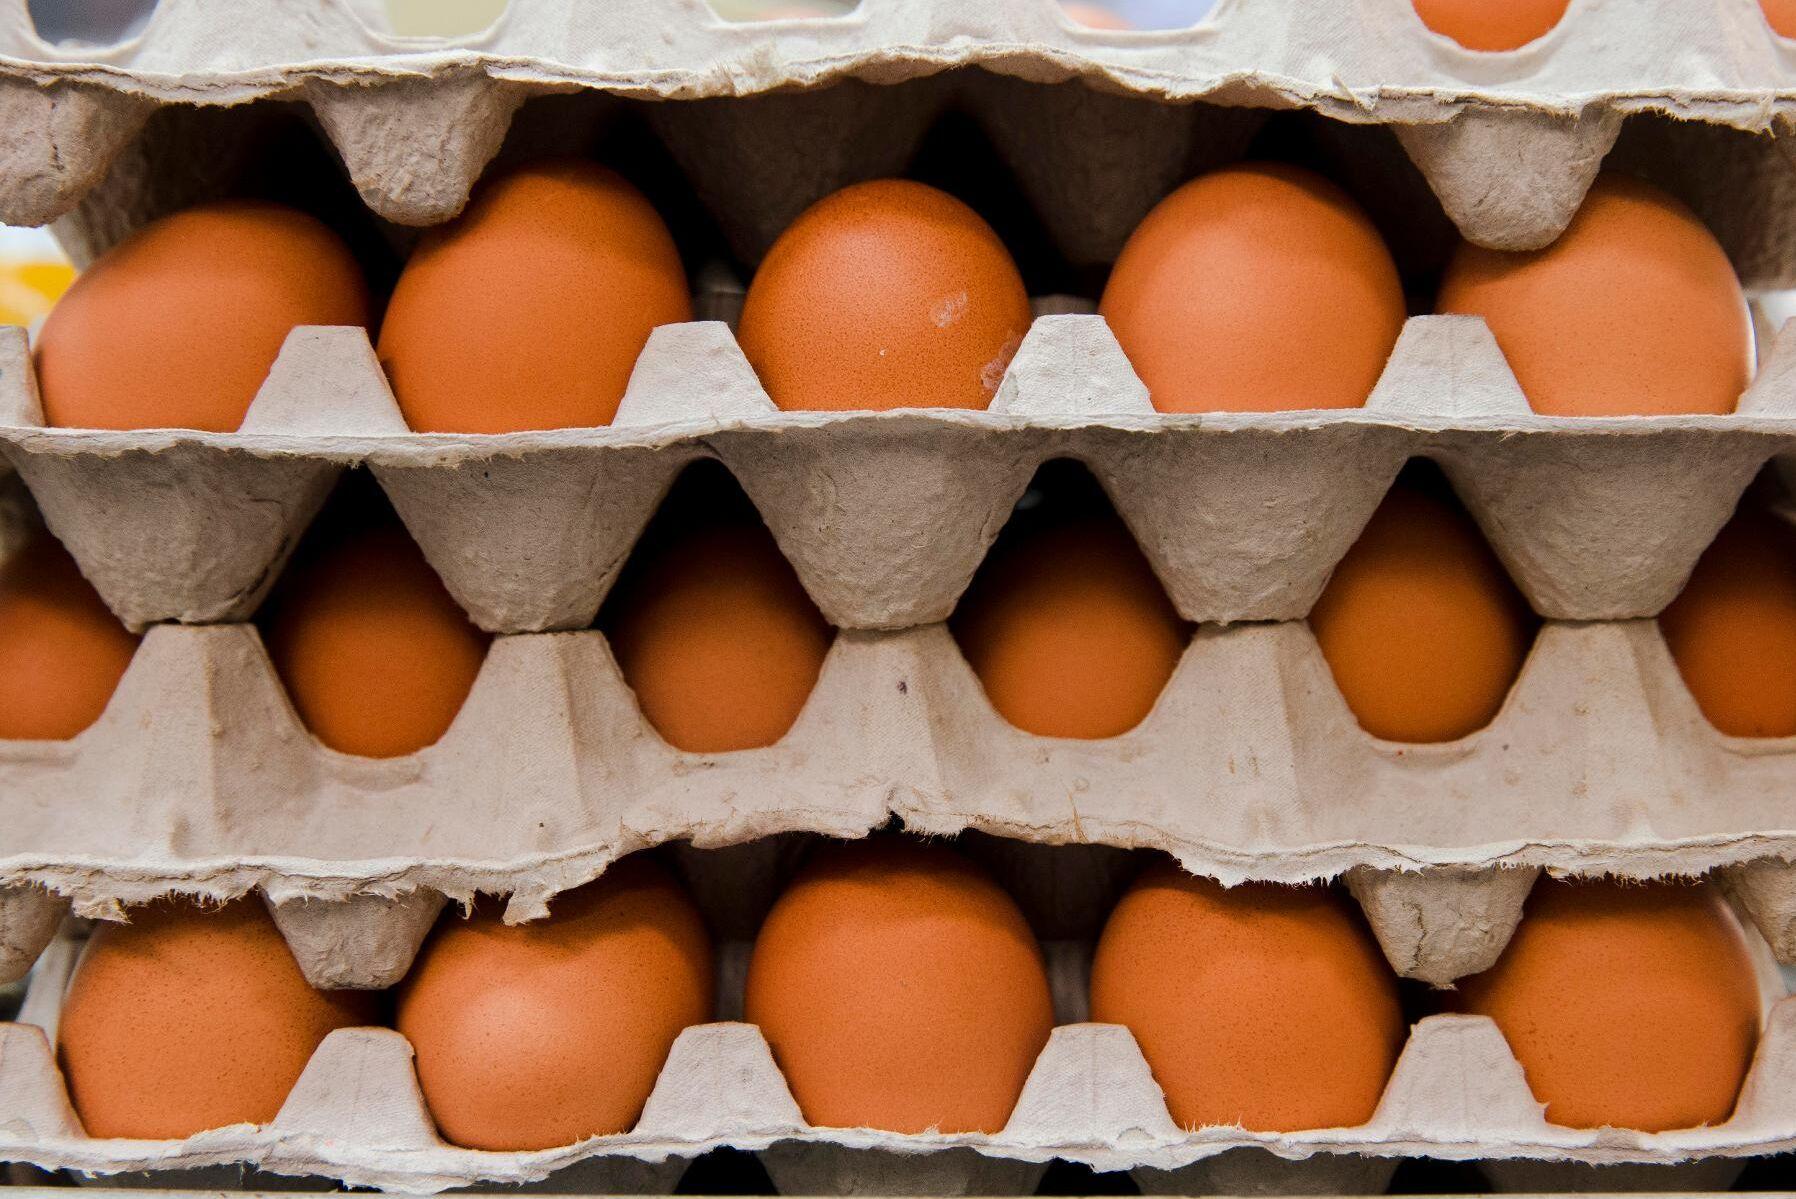 Ägg är hett eftertraktade i coronatider. Arkivbild.